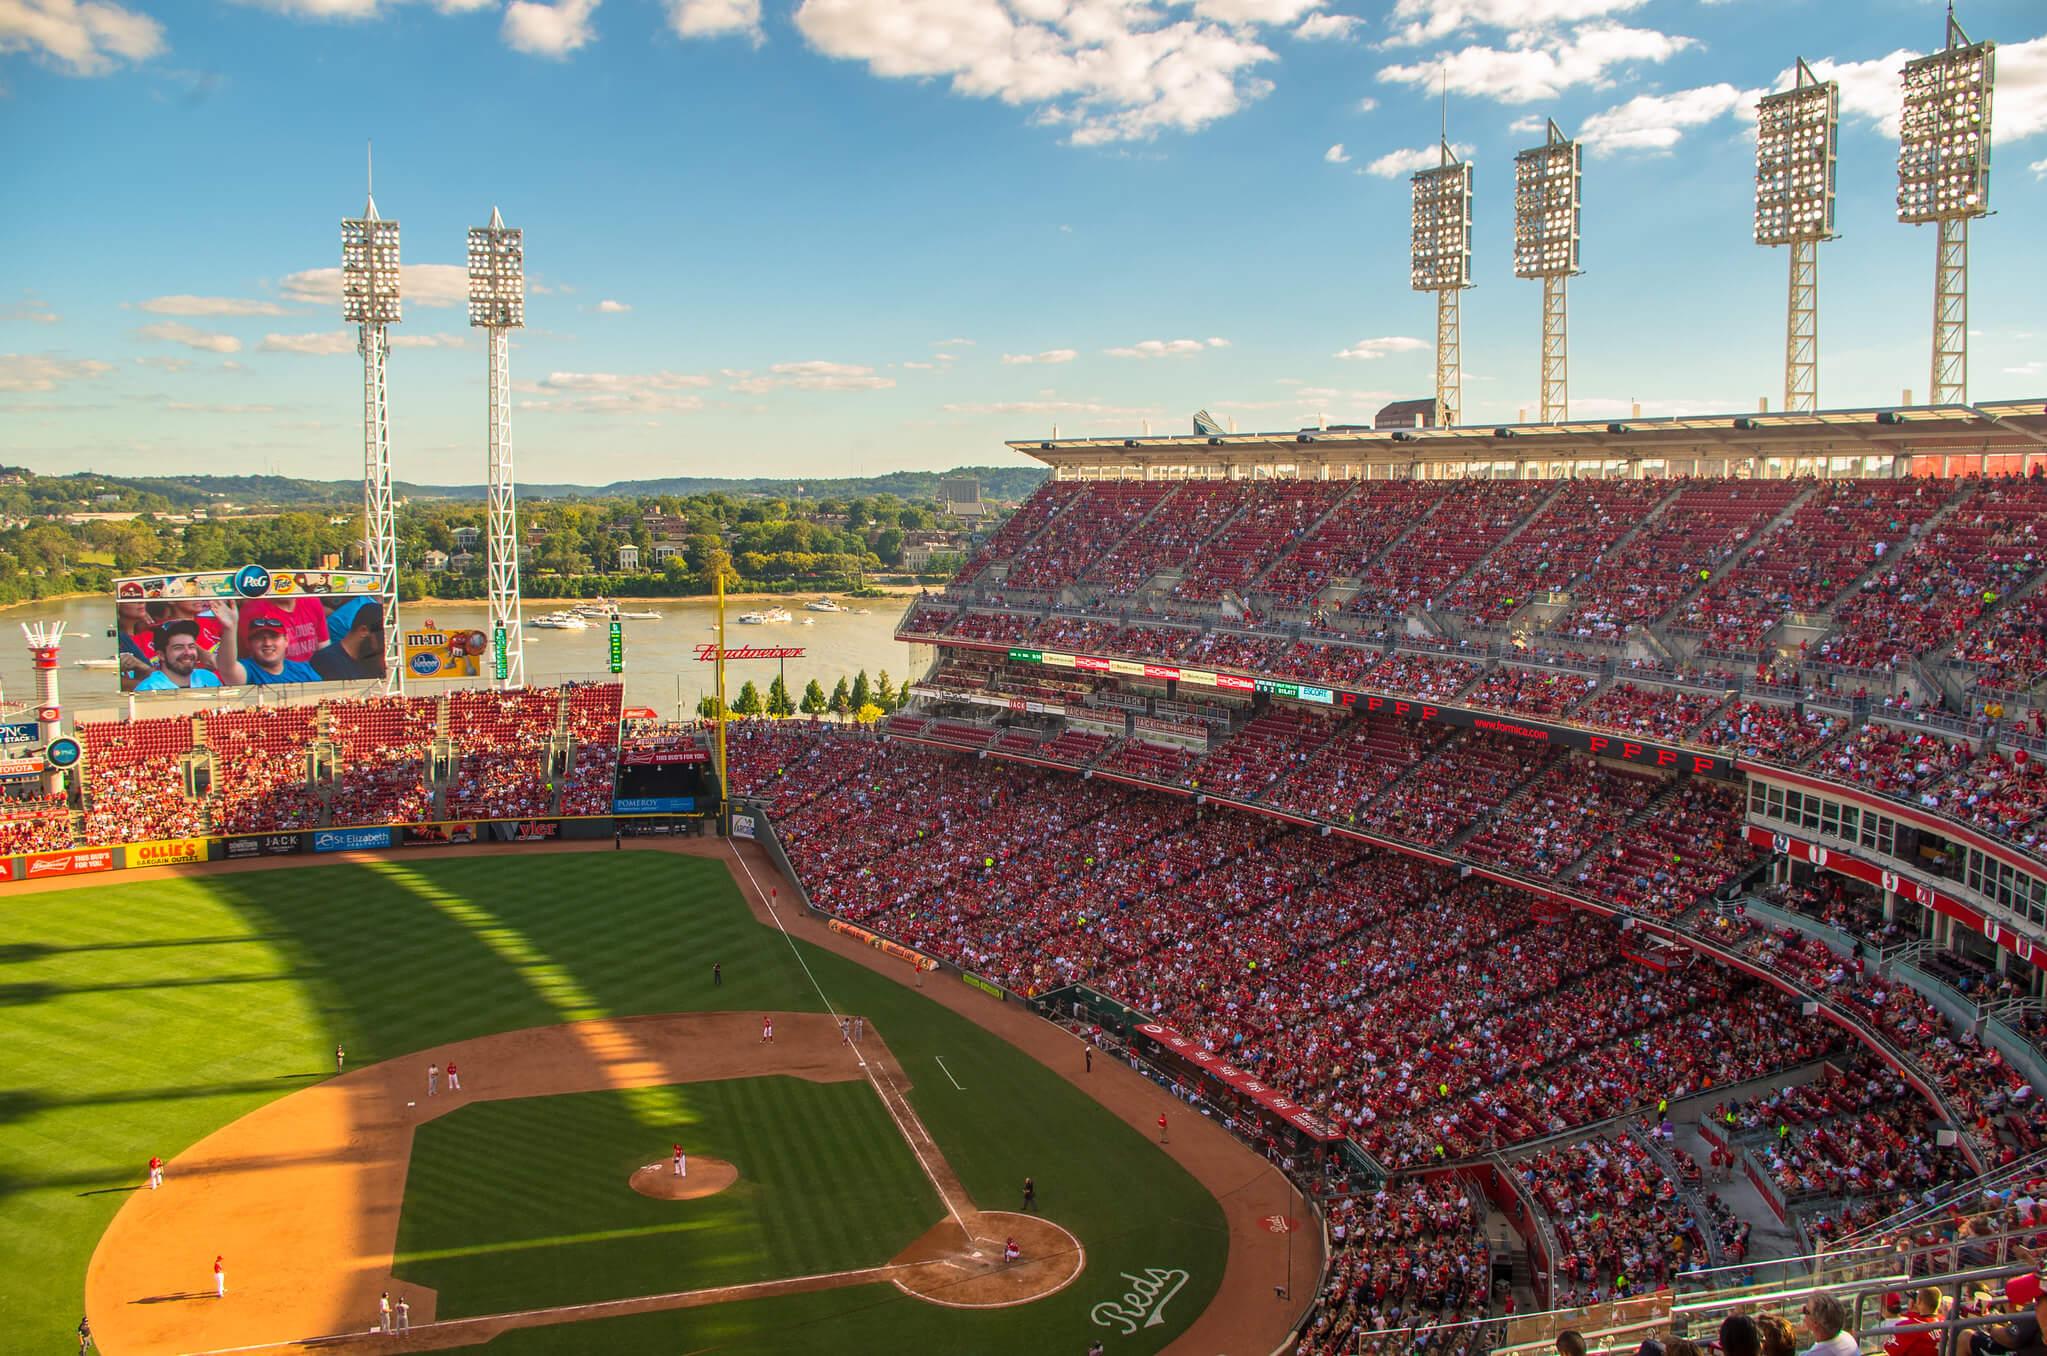 Comerica Park ballpark baseball